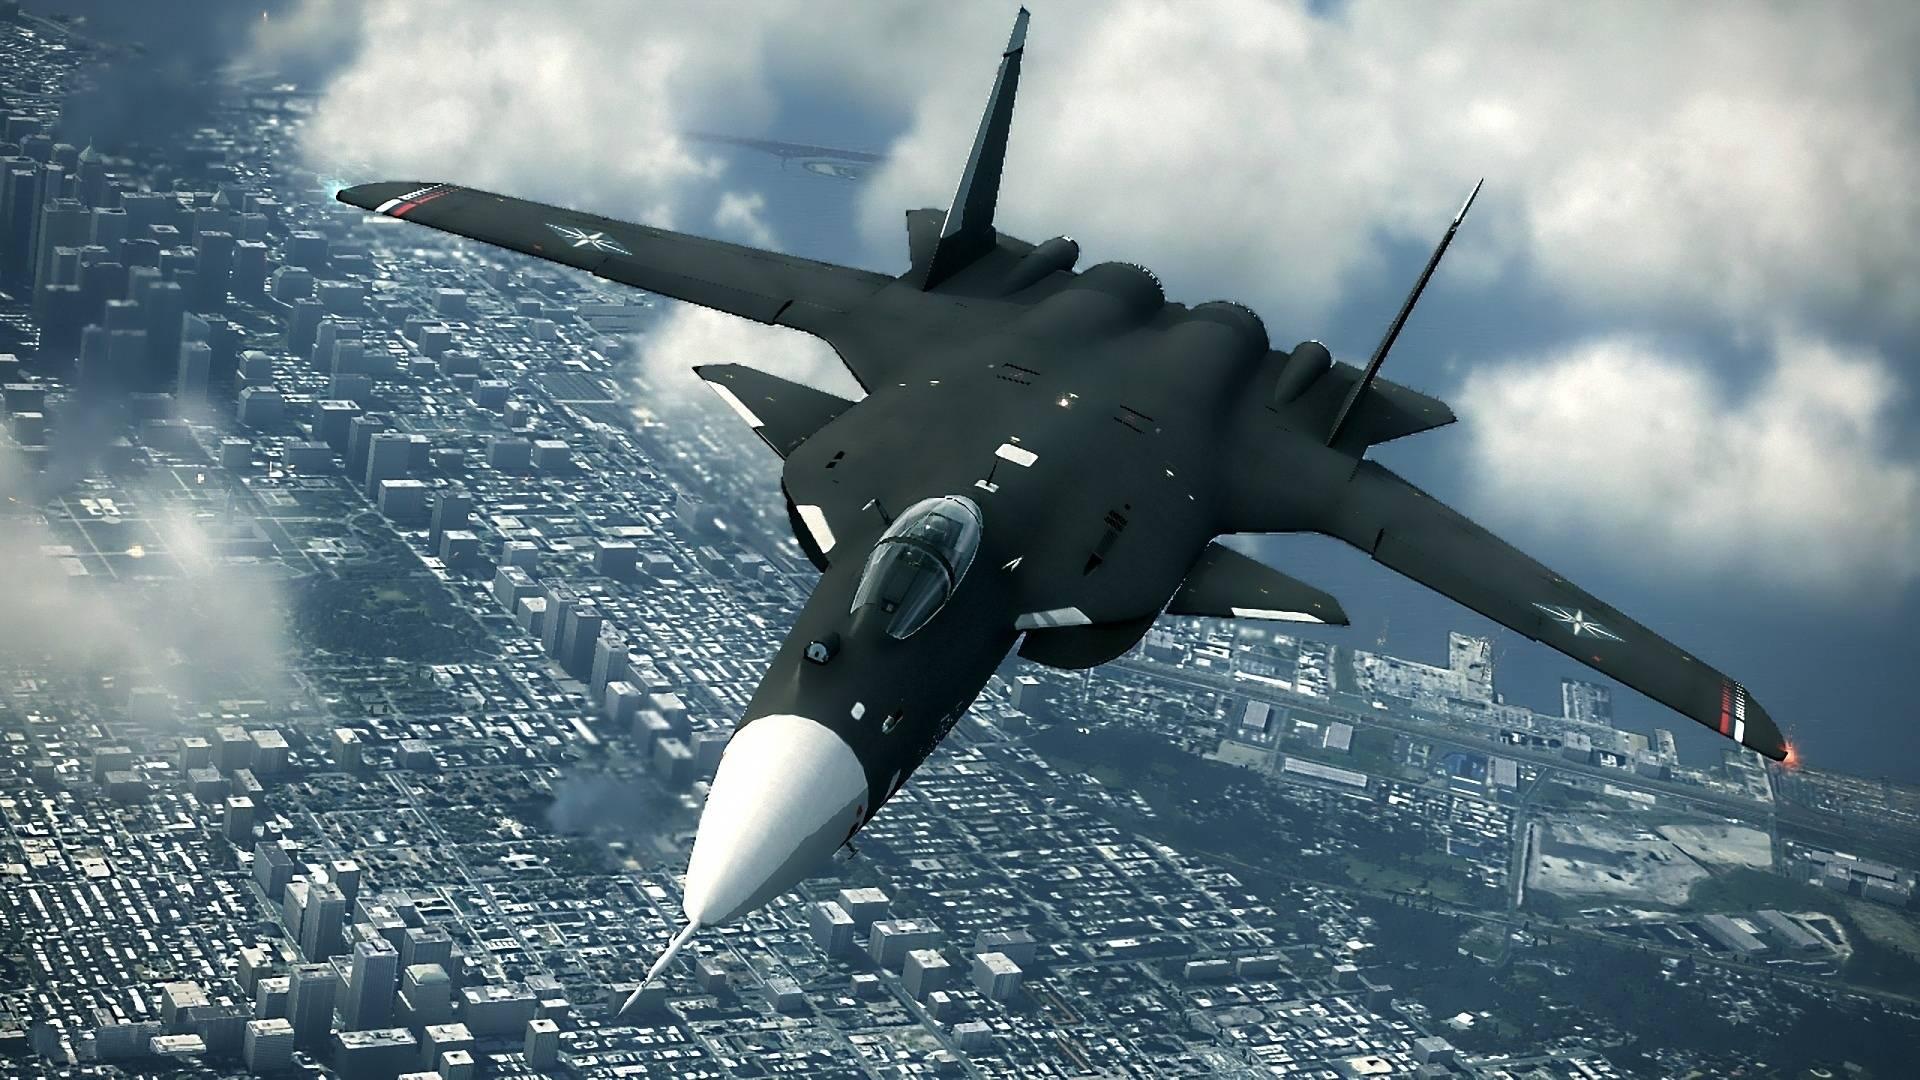 обои Су-47, истребитель, обратное крыло, Россия картинки фото